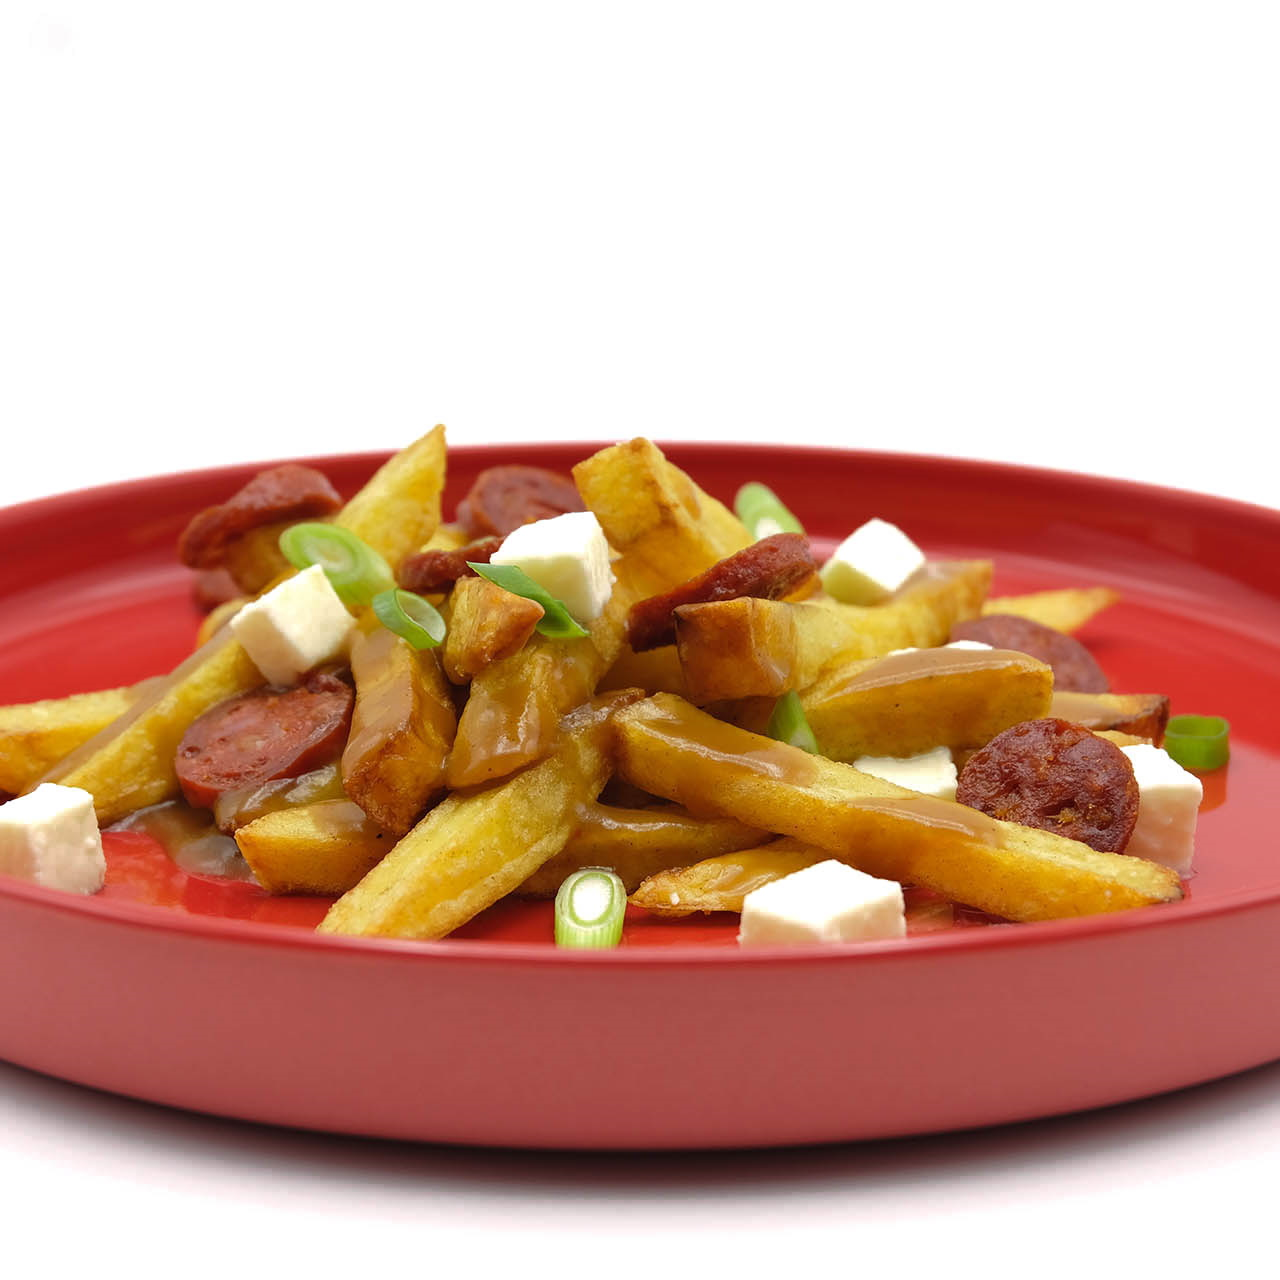 Rezept Poutine Popdish Foodblog Gerichte, die knallen